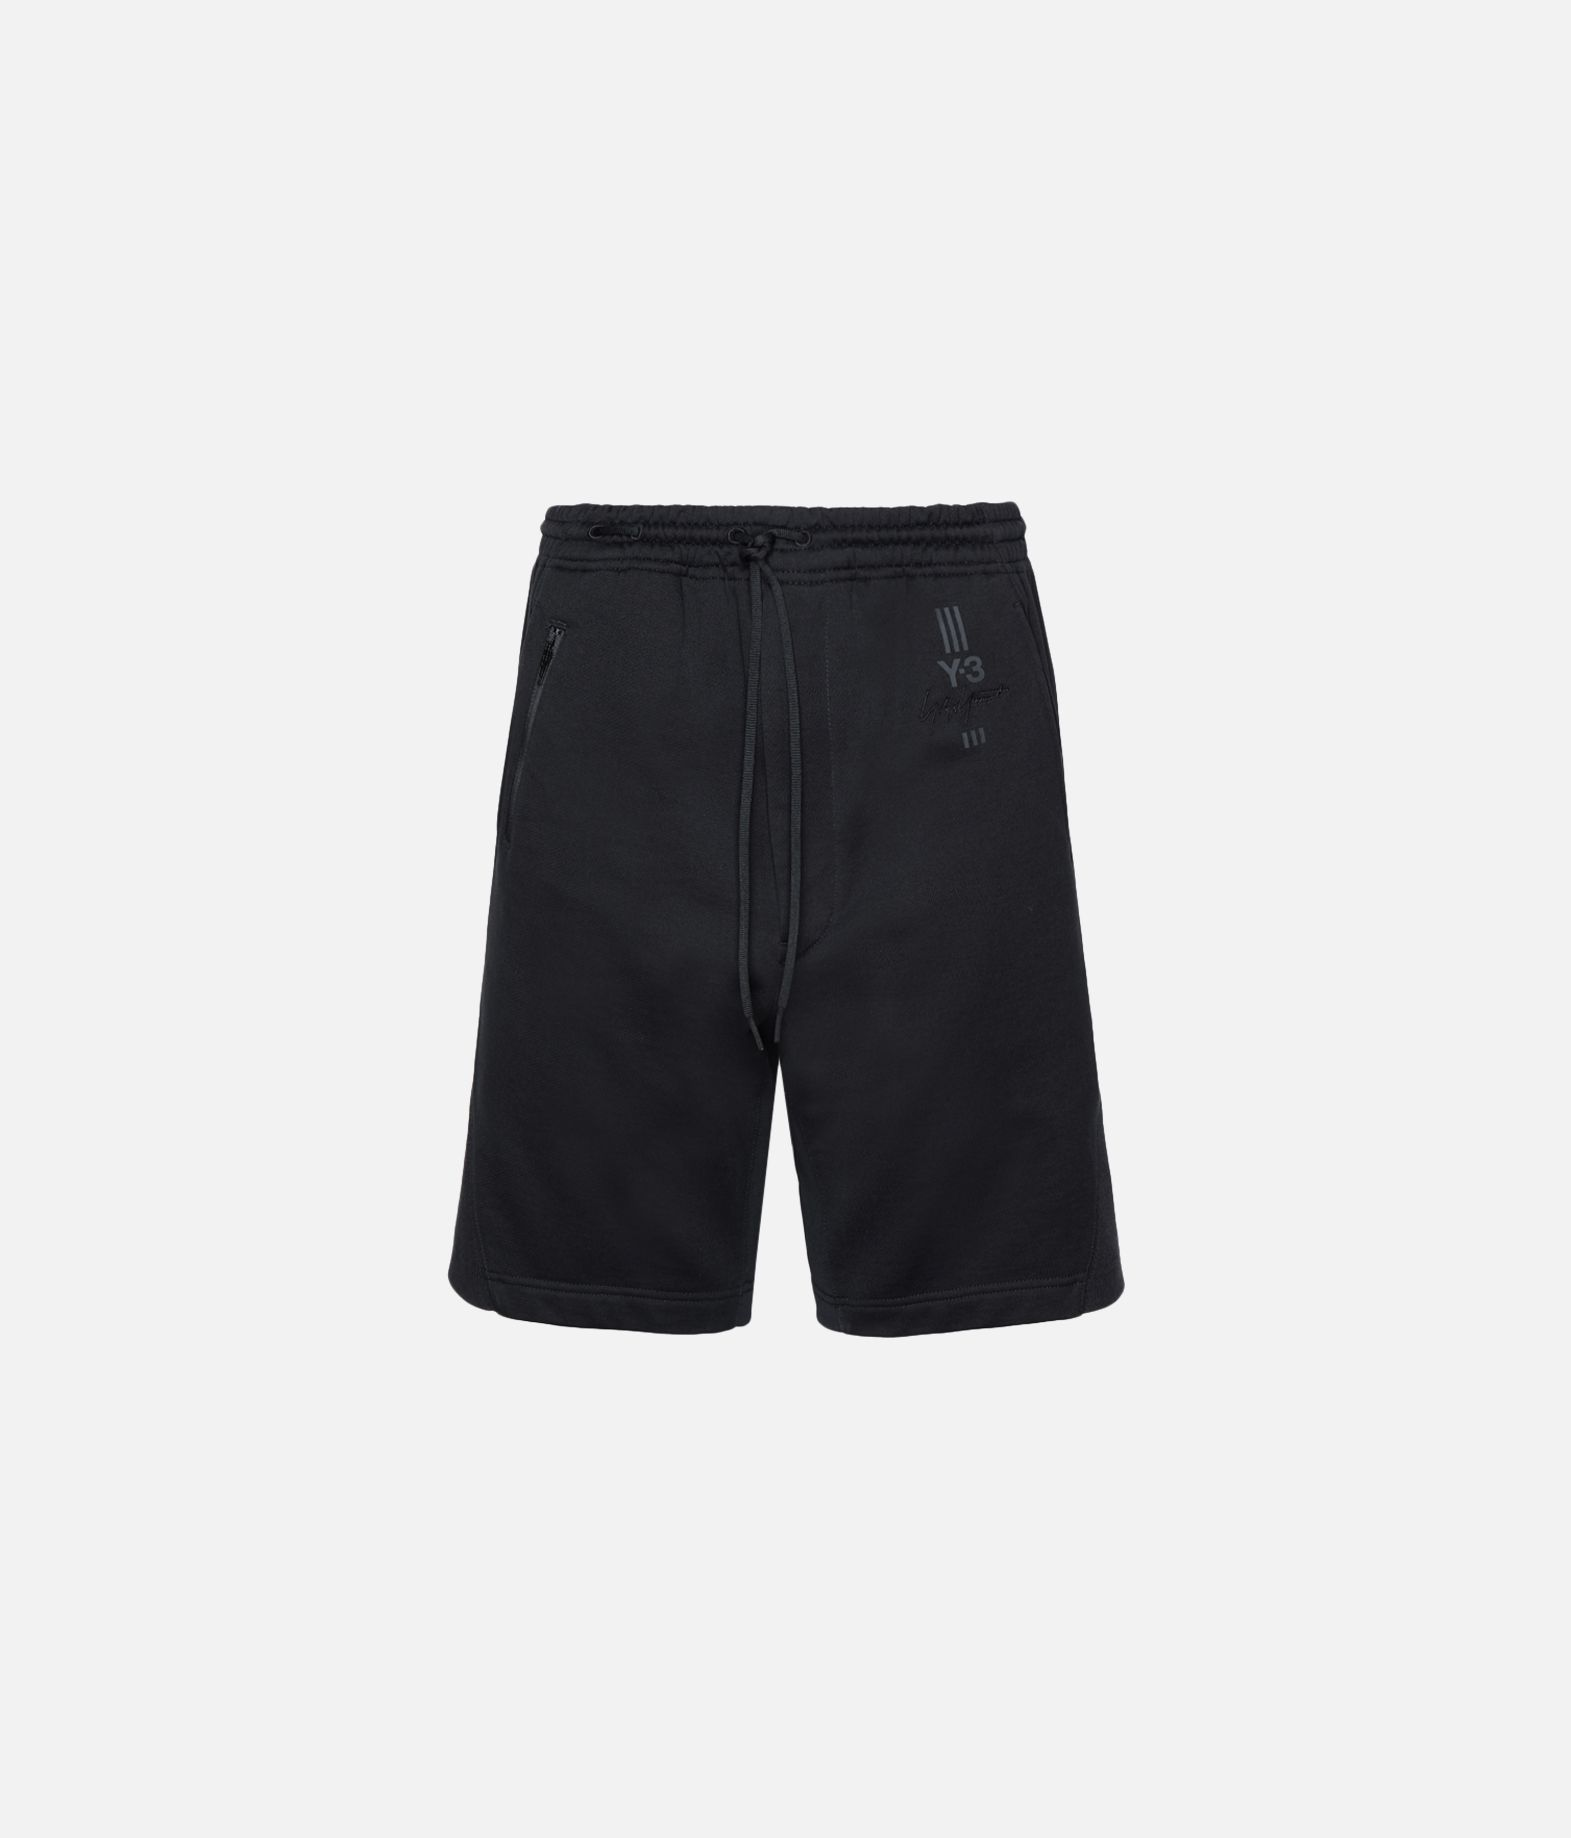 Y-3 Y-3 Classic Shorts Шорты Для Женщин f